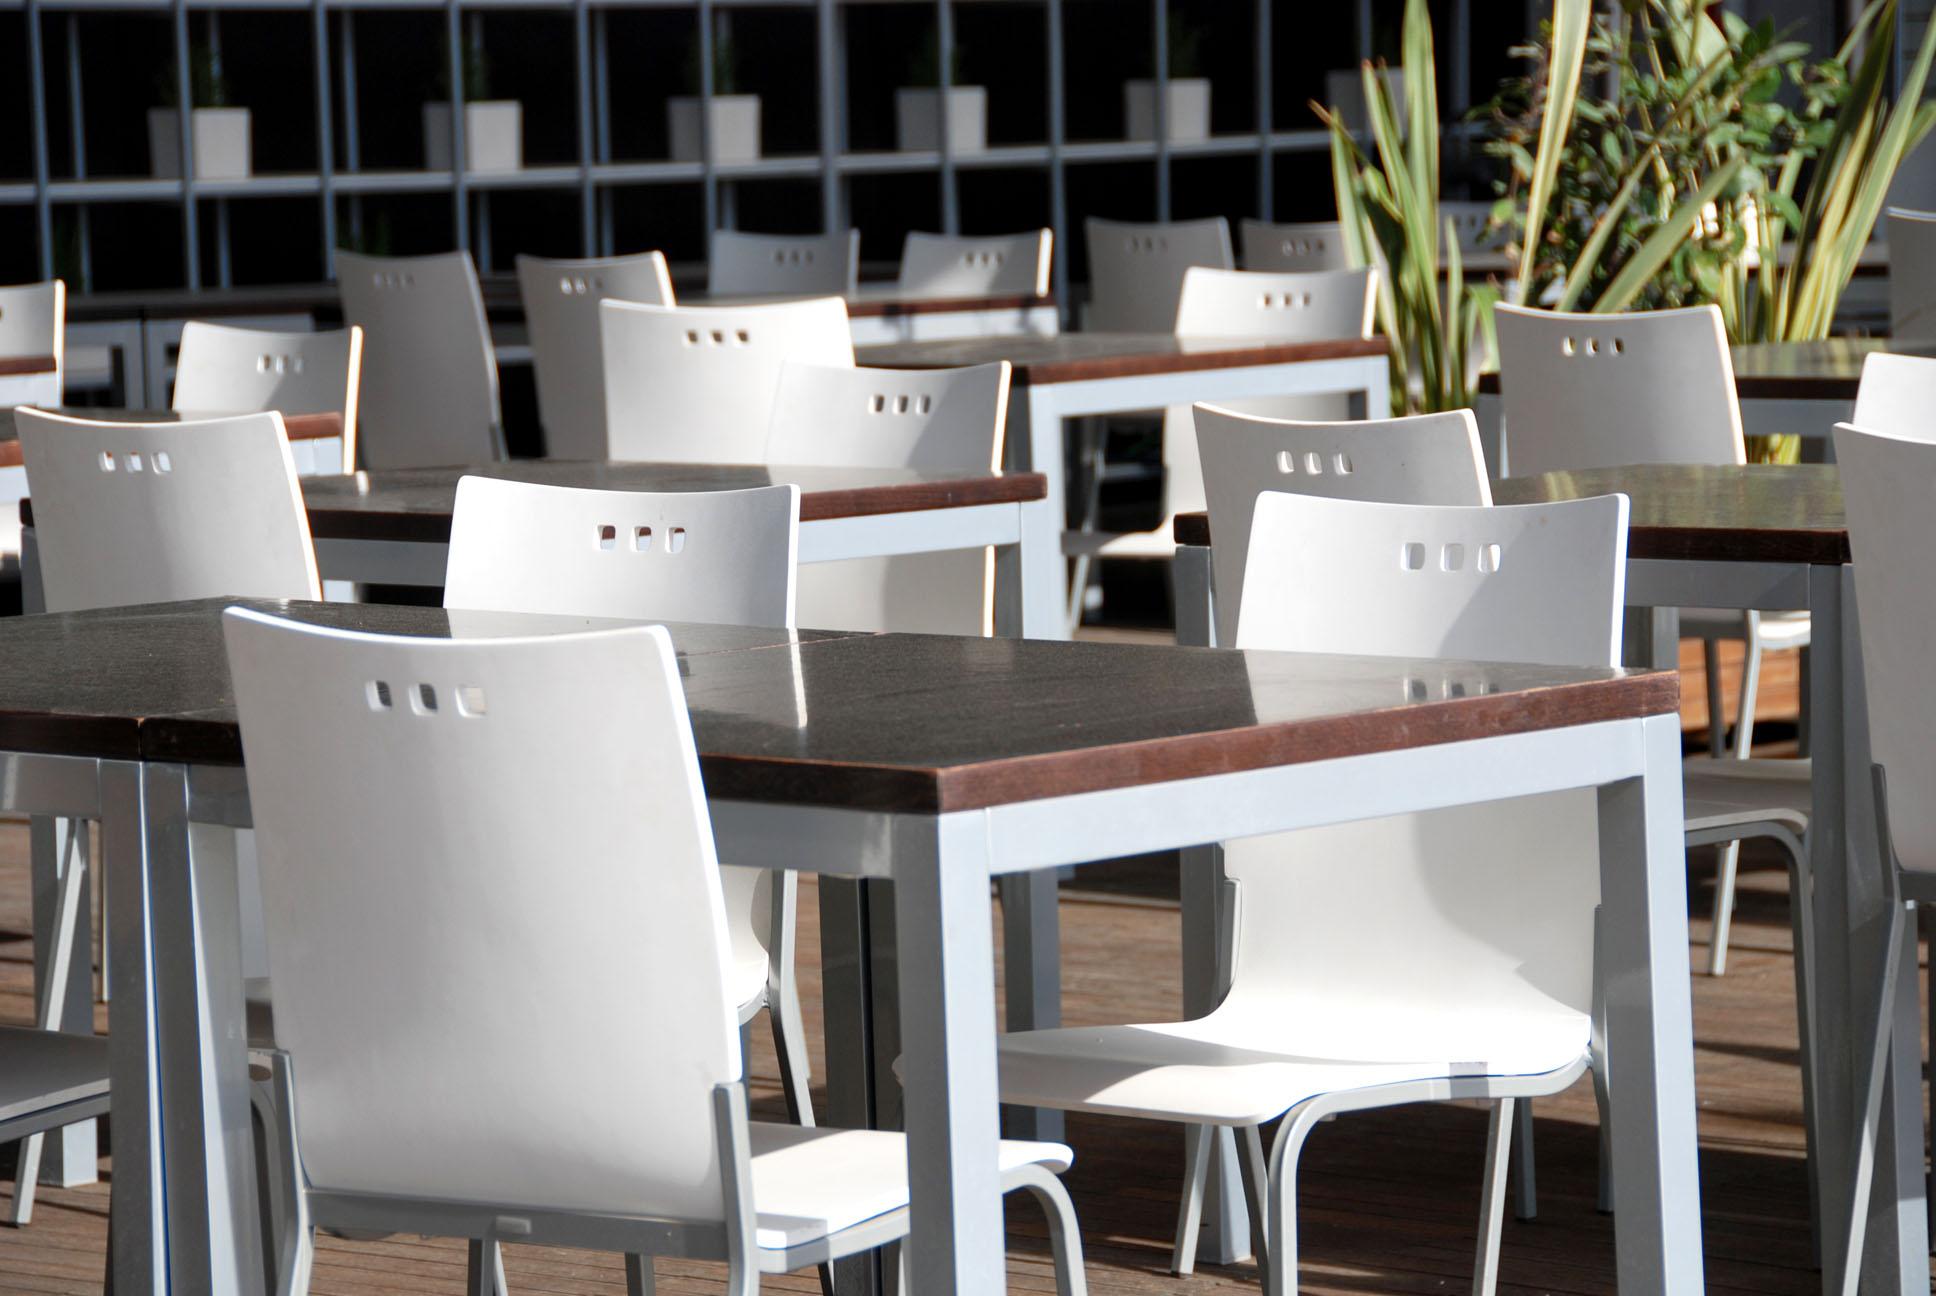 Noleggio tavoli e sedie Trezzano Rosa